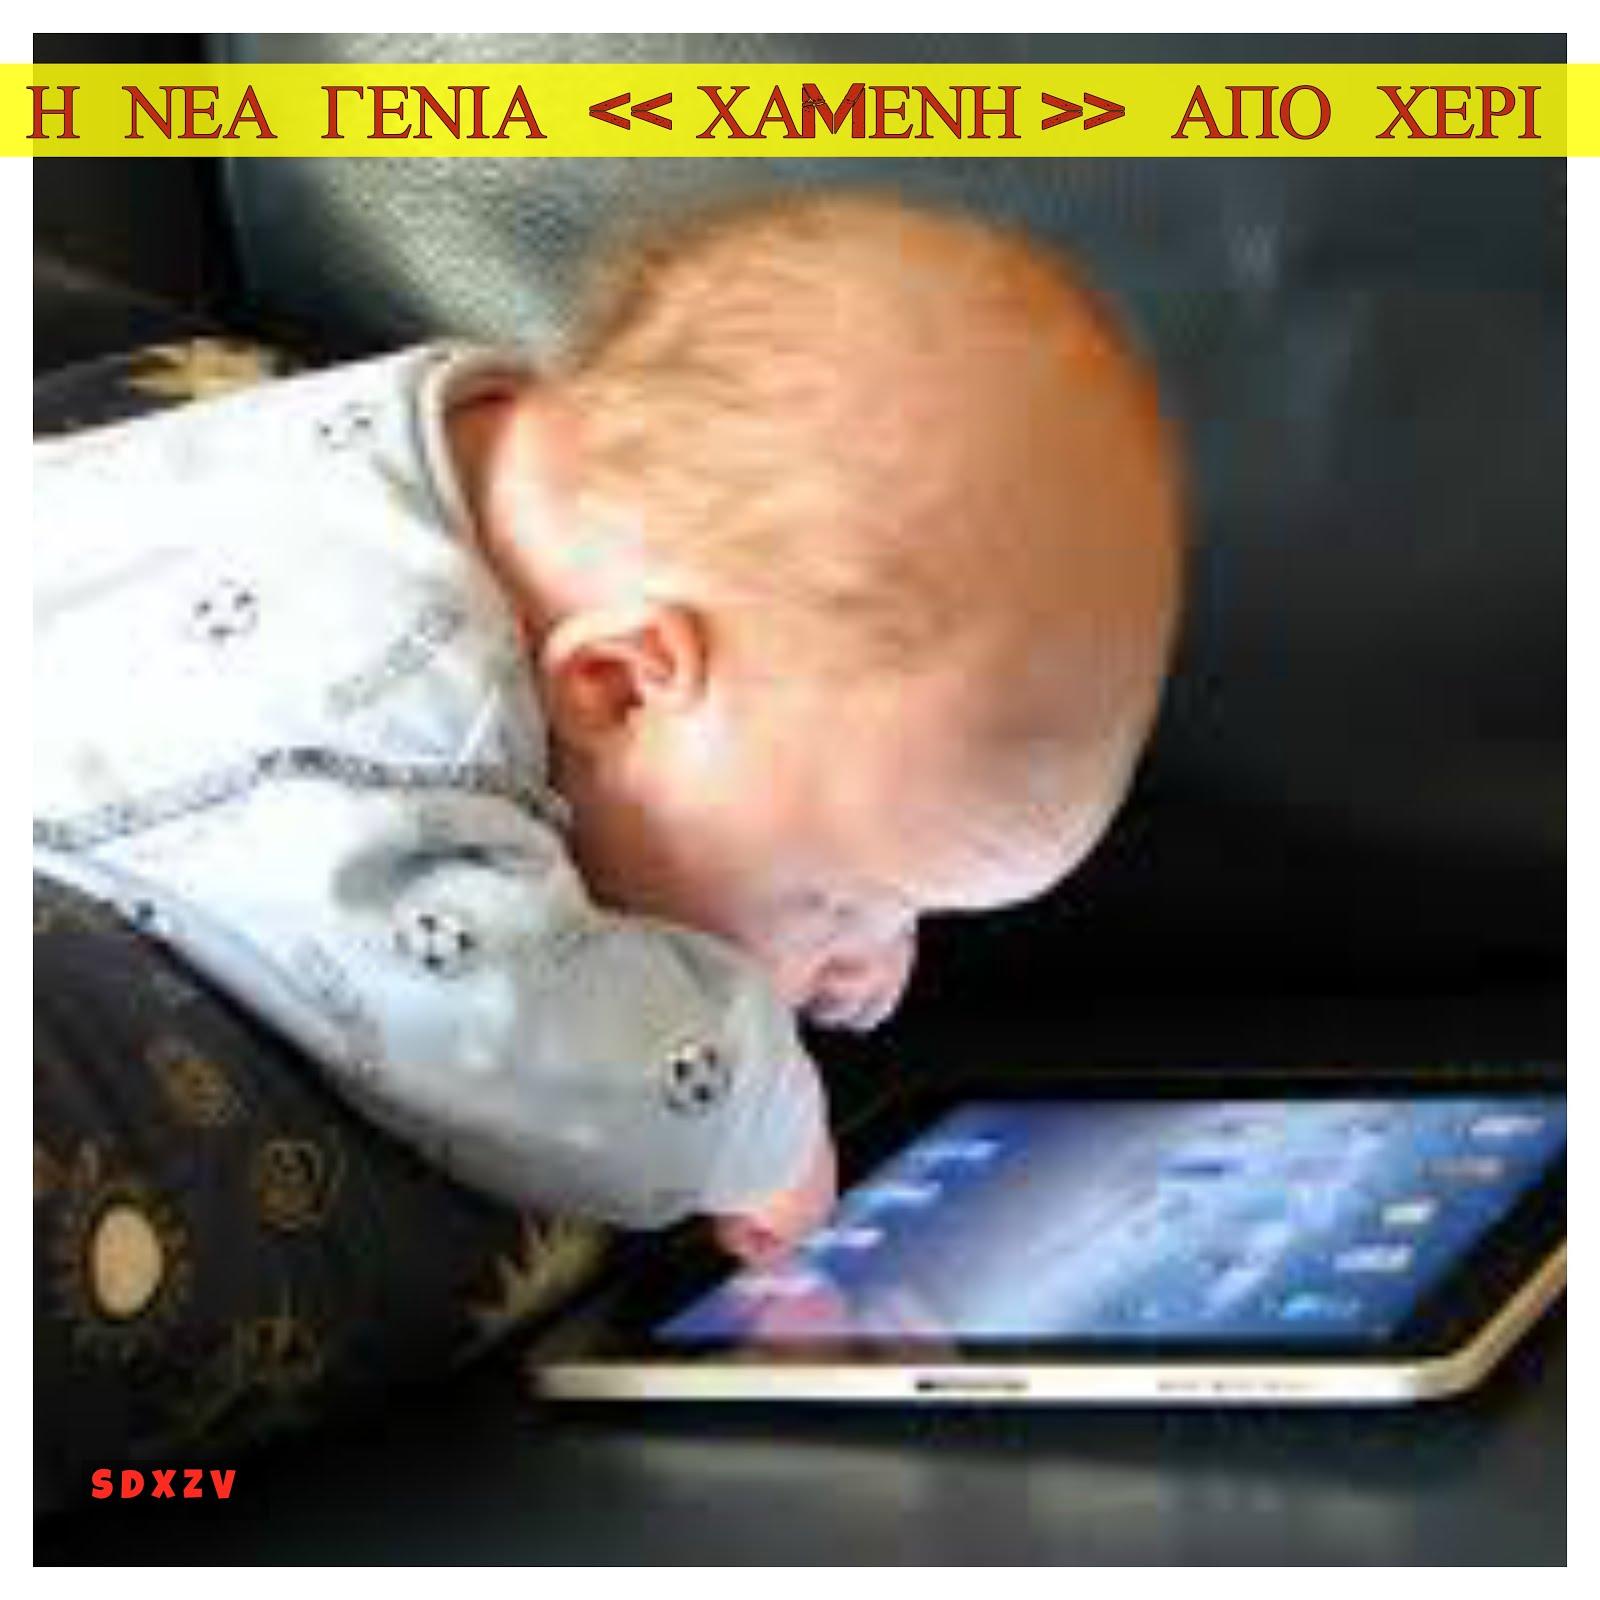 Η νέα γενιά χαμένη από χέρι